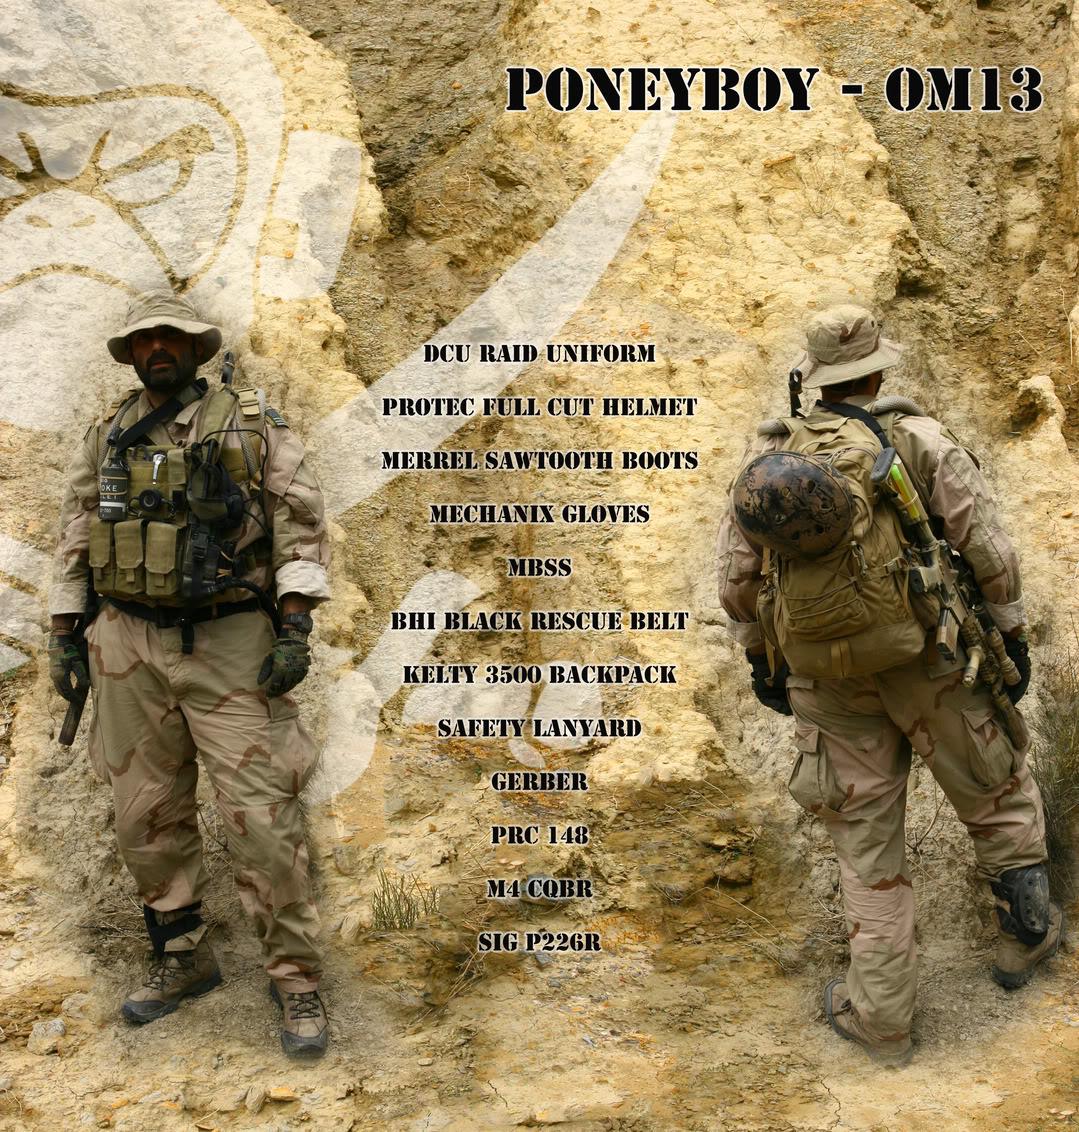 The Fallen Warriors - In honour of the fallen in OP. RW.  Reenactment moderno 2005 9d0730c4